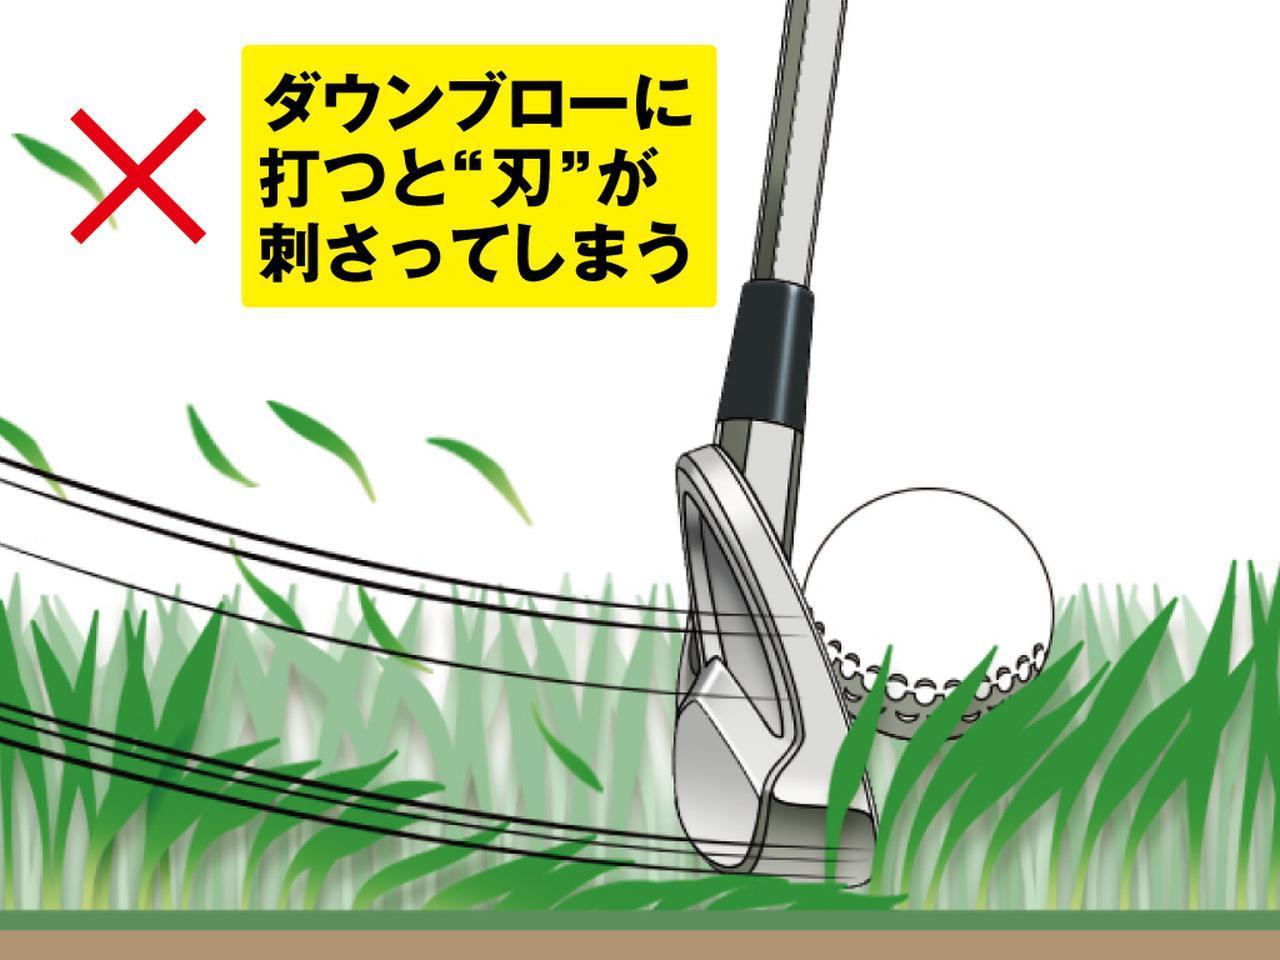 画像2: 夏ラフは 「フェースを開きアッパーに打つ」 が正解!